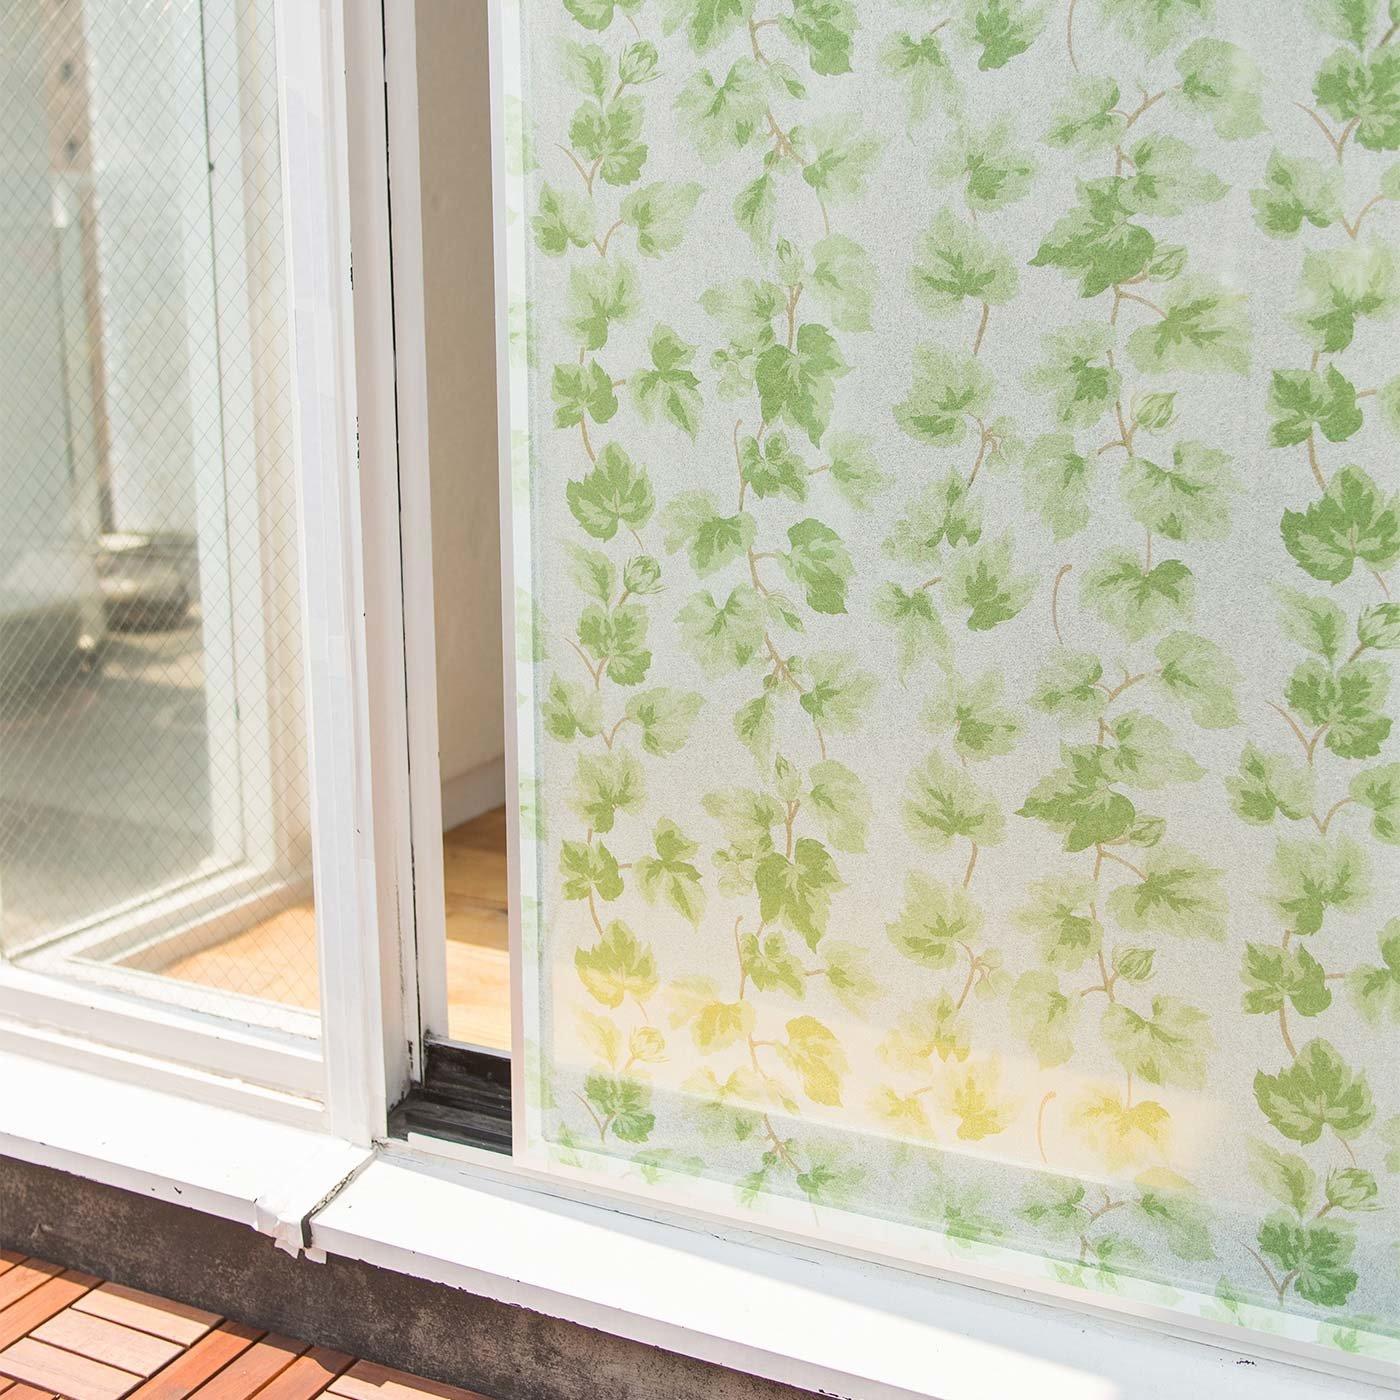 ほこりや汚れを予防! 網戸カバーシート〈グリーンカーテン柄〉の会